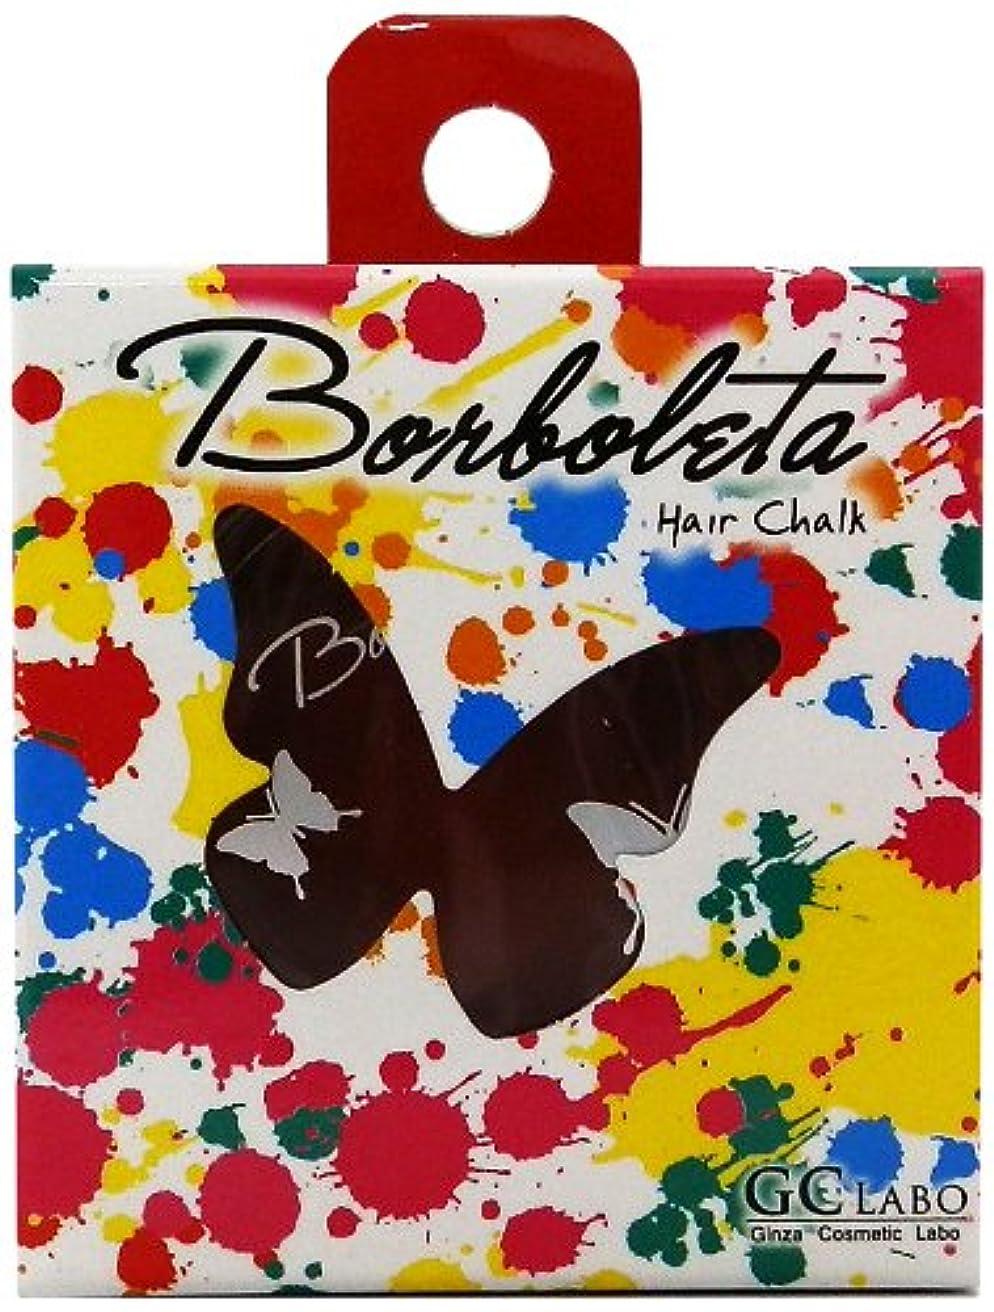 動詞マウスピース雑多なBorBoLeta(ボルボレッタ)ヘアカラーチョーク レッドブラウン